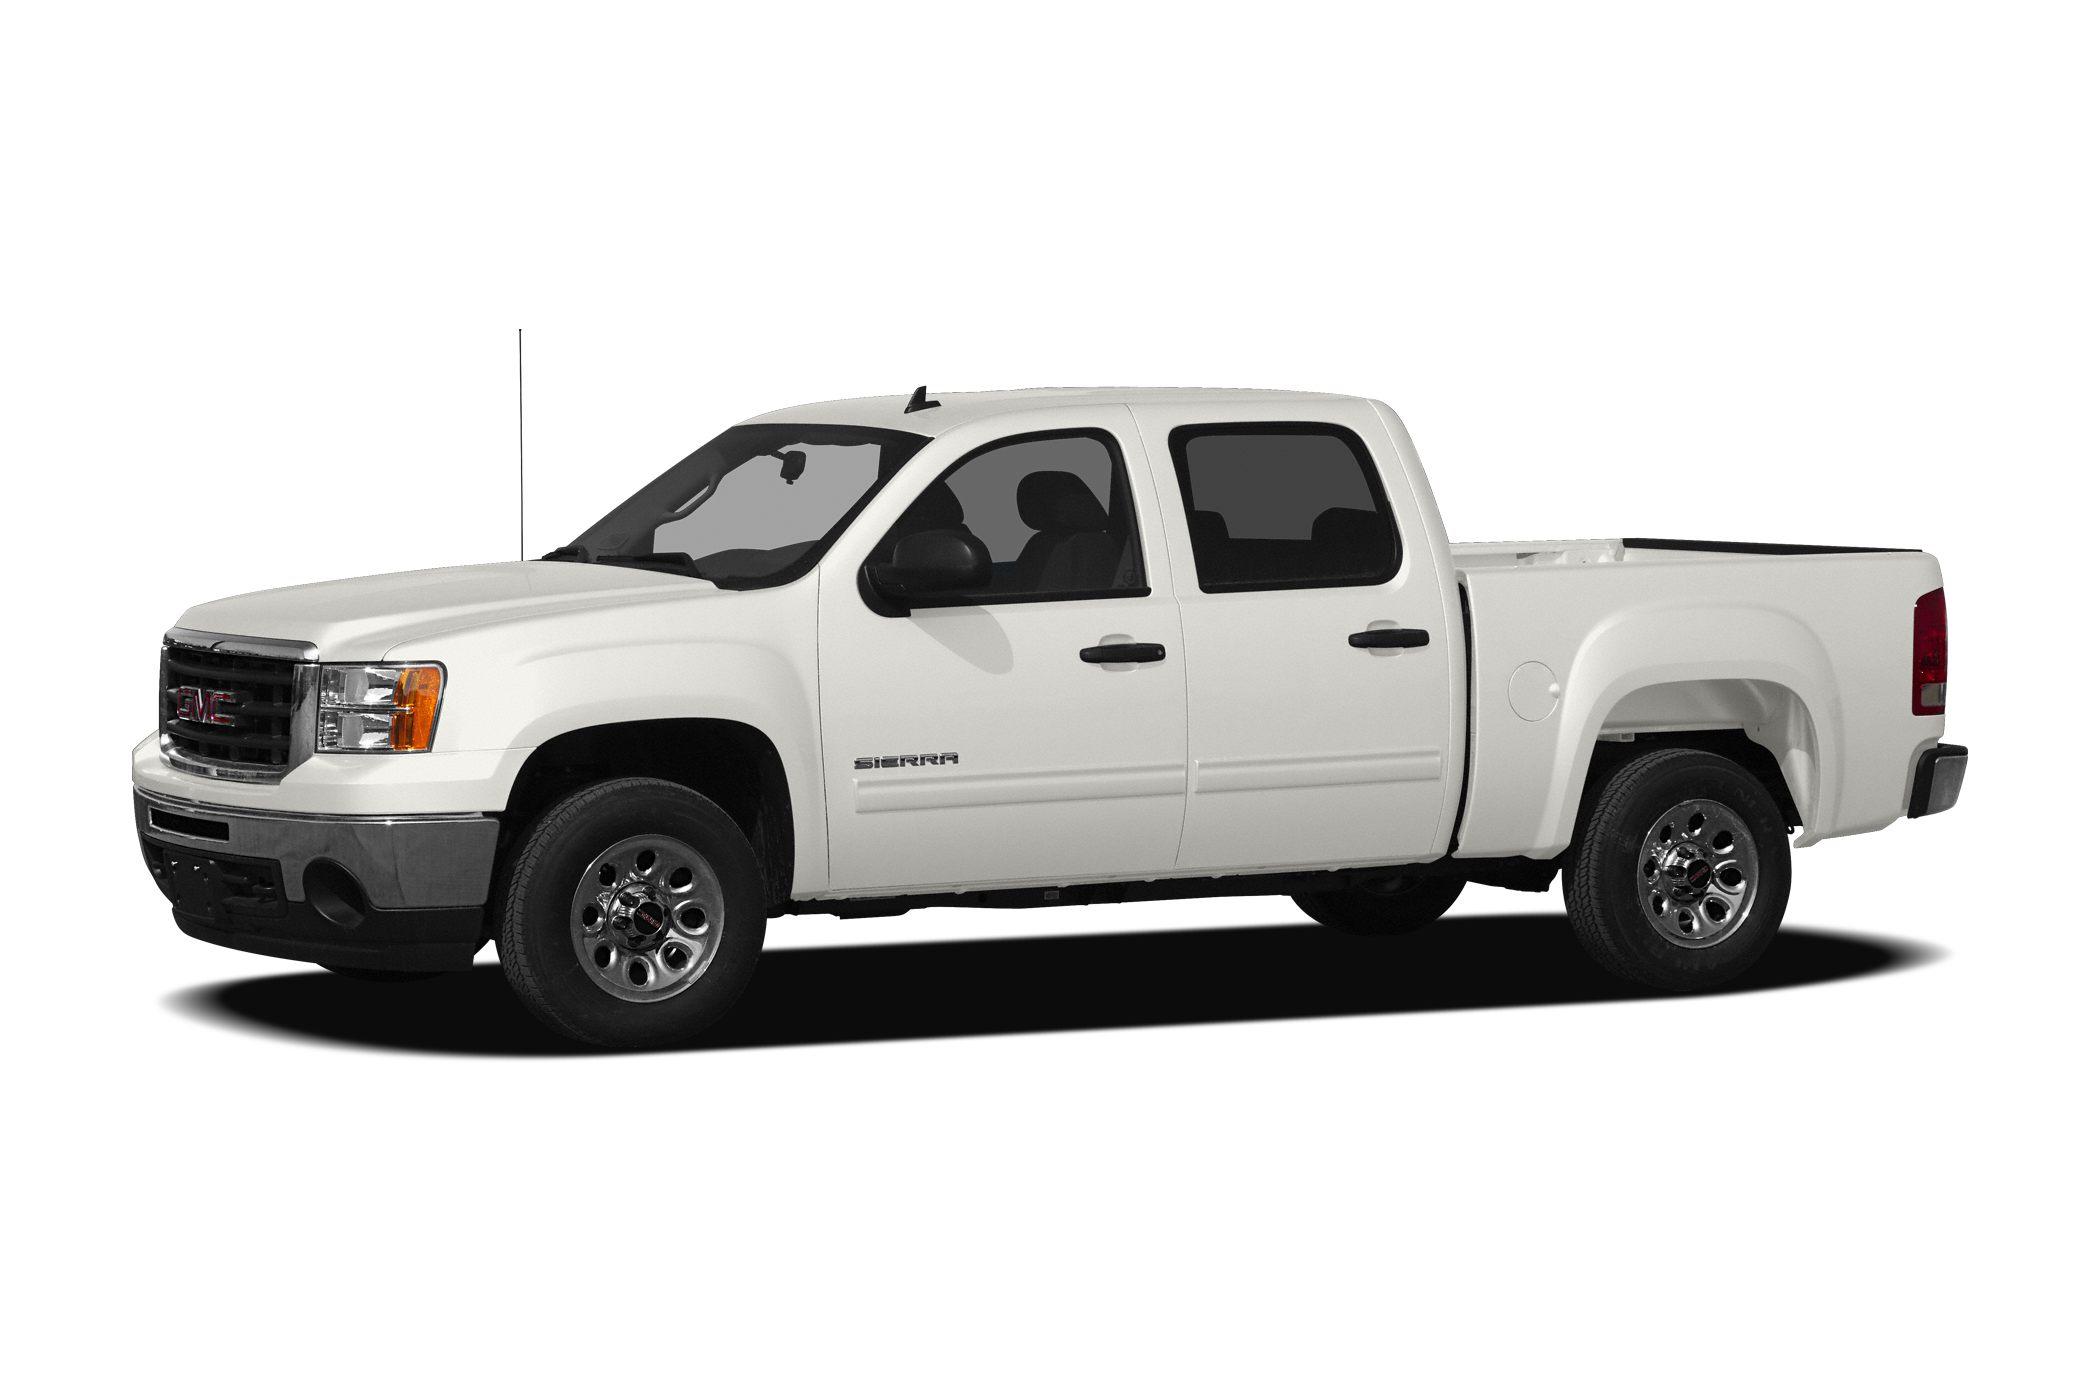 2009 GMC Sierra 1500 SLE Miles 193346Color White Stock 364271A VIN 3GTEK23379G196559